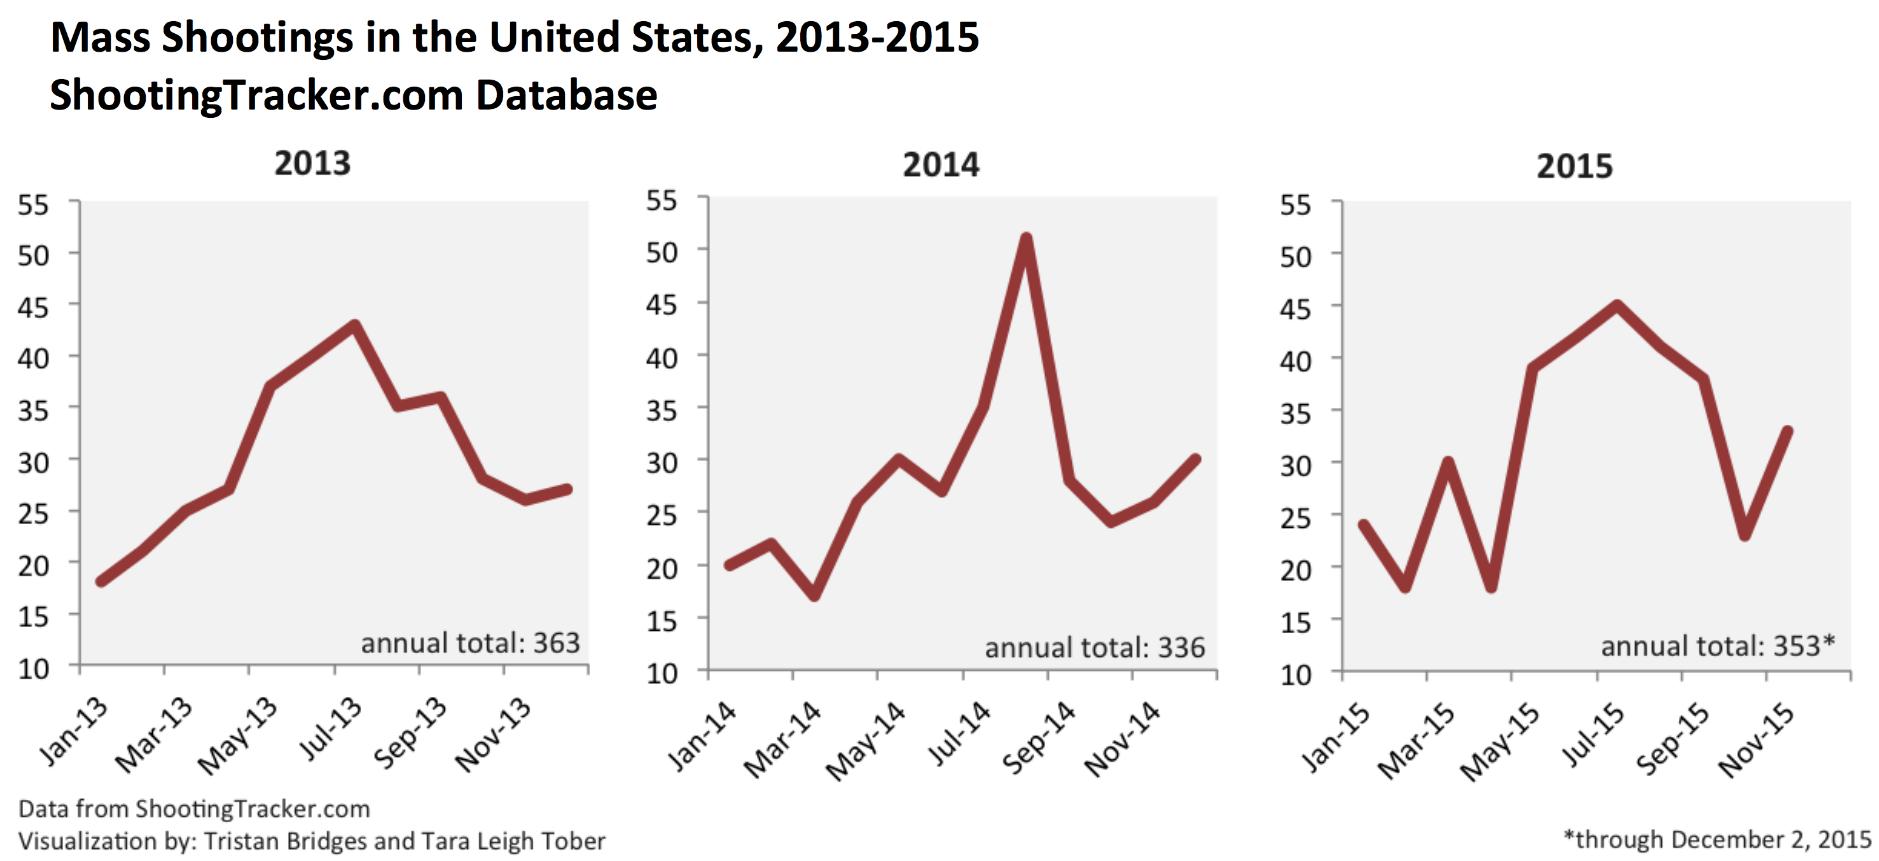 Mass Shootings, 2013-2015 (ShootingTracker.com)1